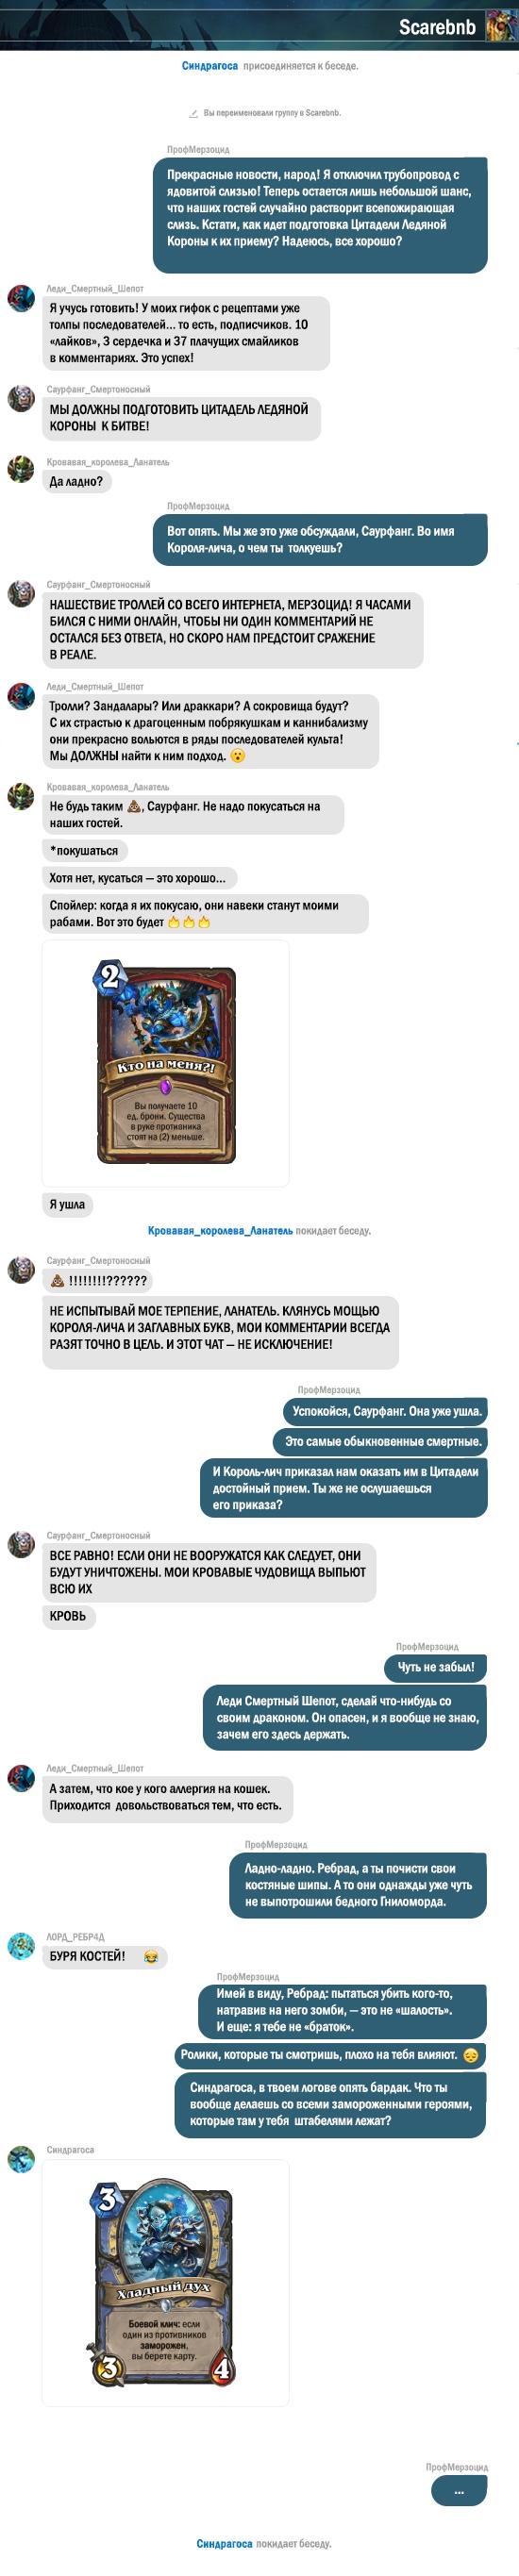 IceChat_02_ruRU_inBlog_EK_550x2731.jpg